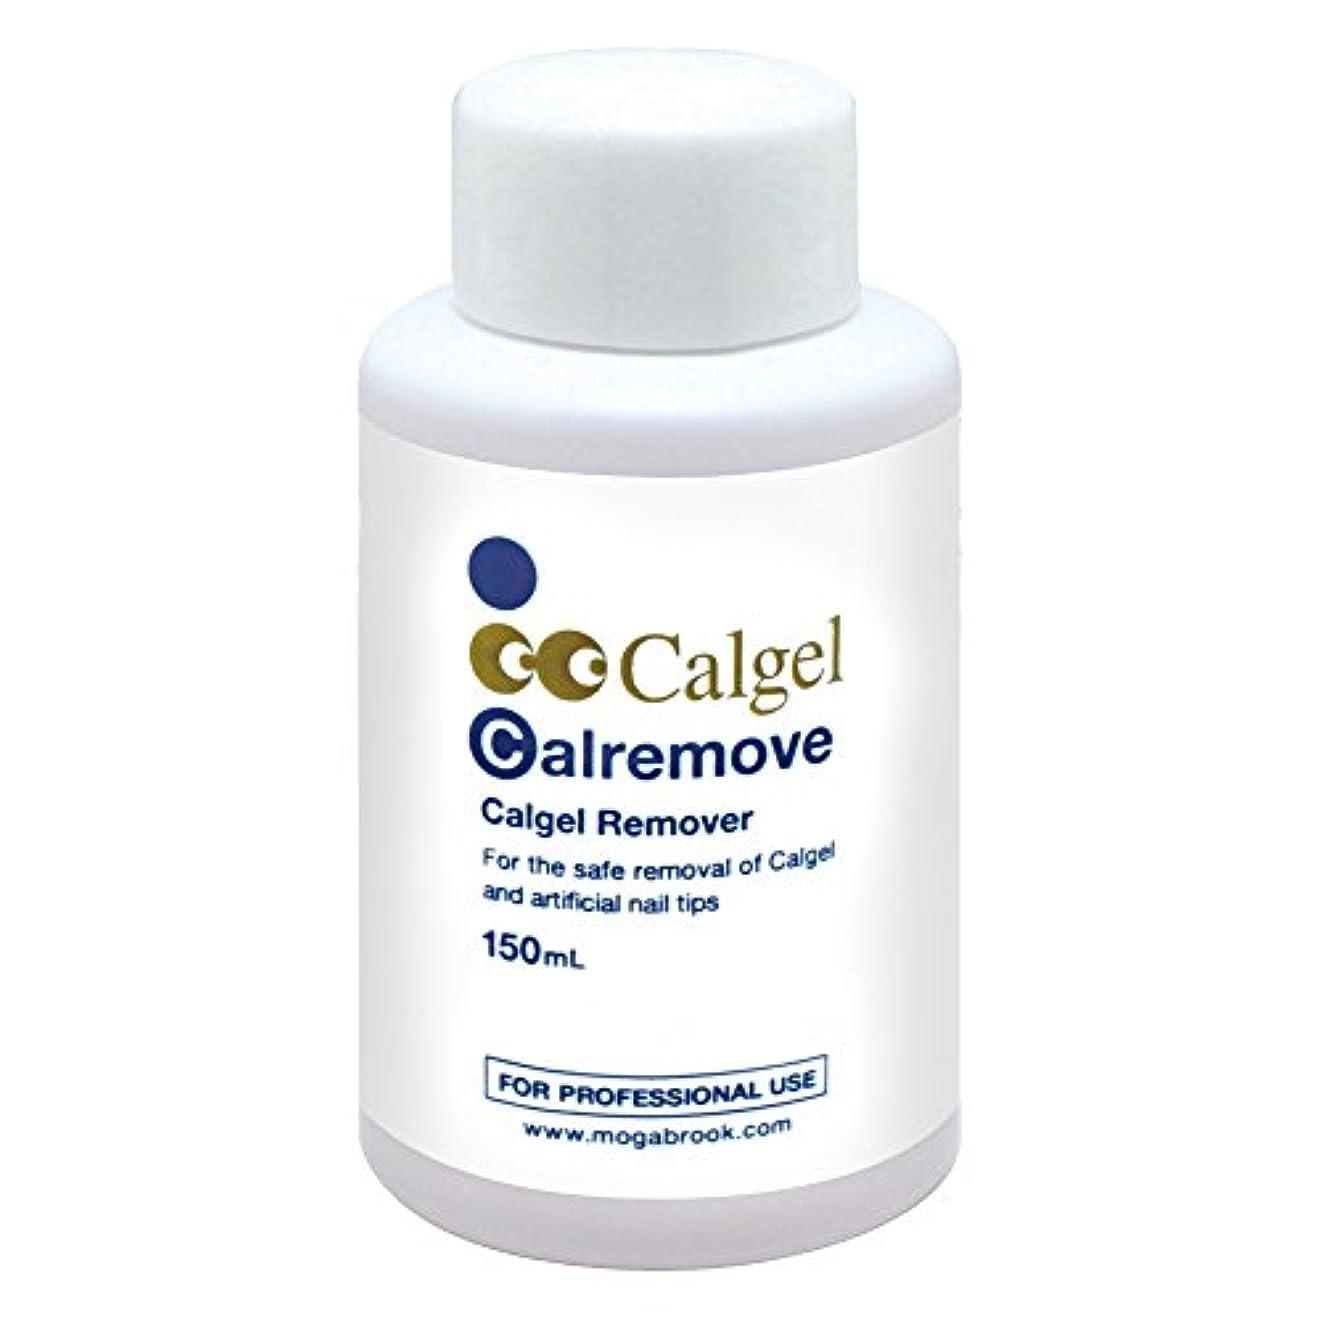 血色の良いサンダー広告Calgel カルリムーフ゛150ml ジェルリムーバー